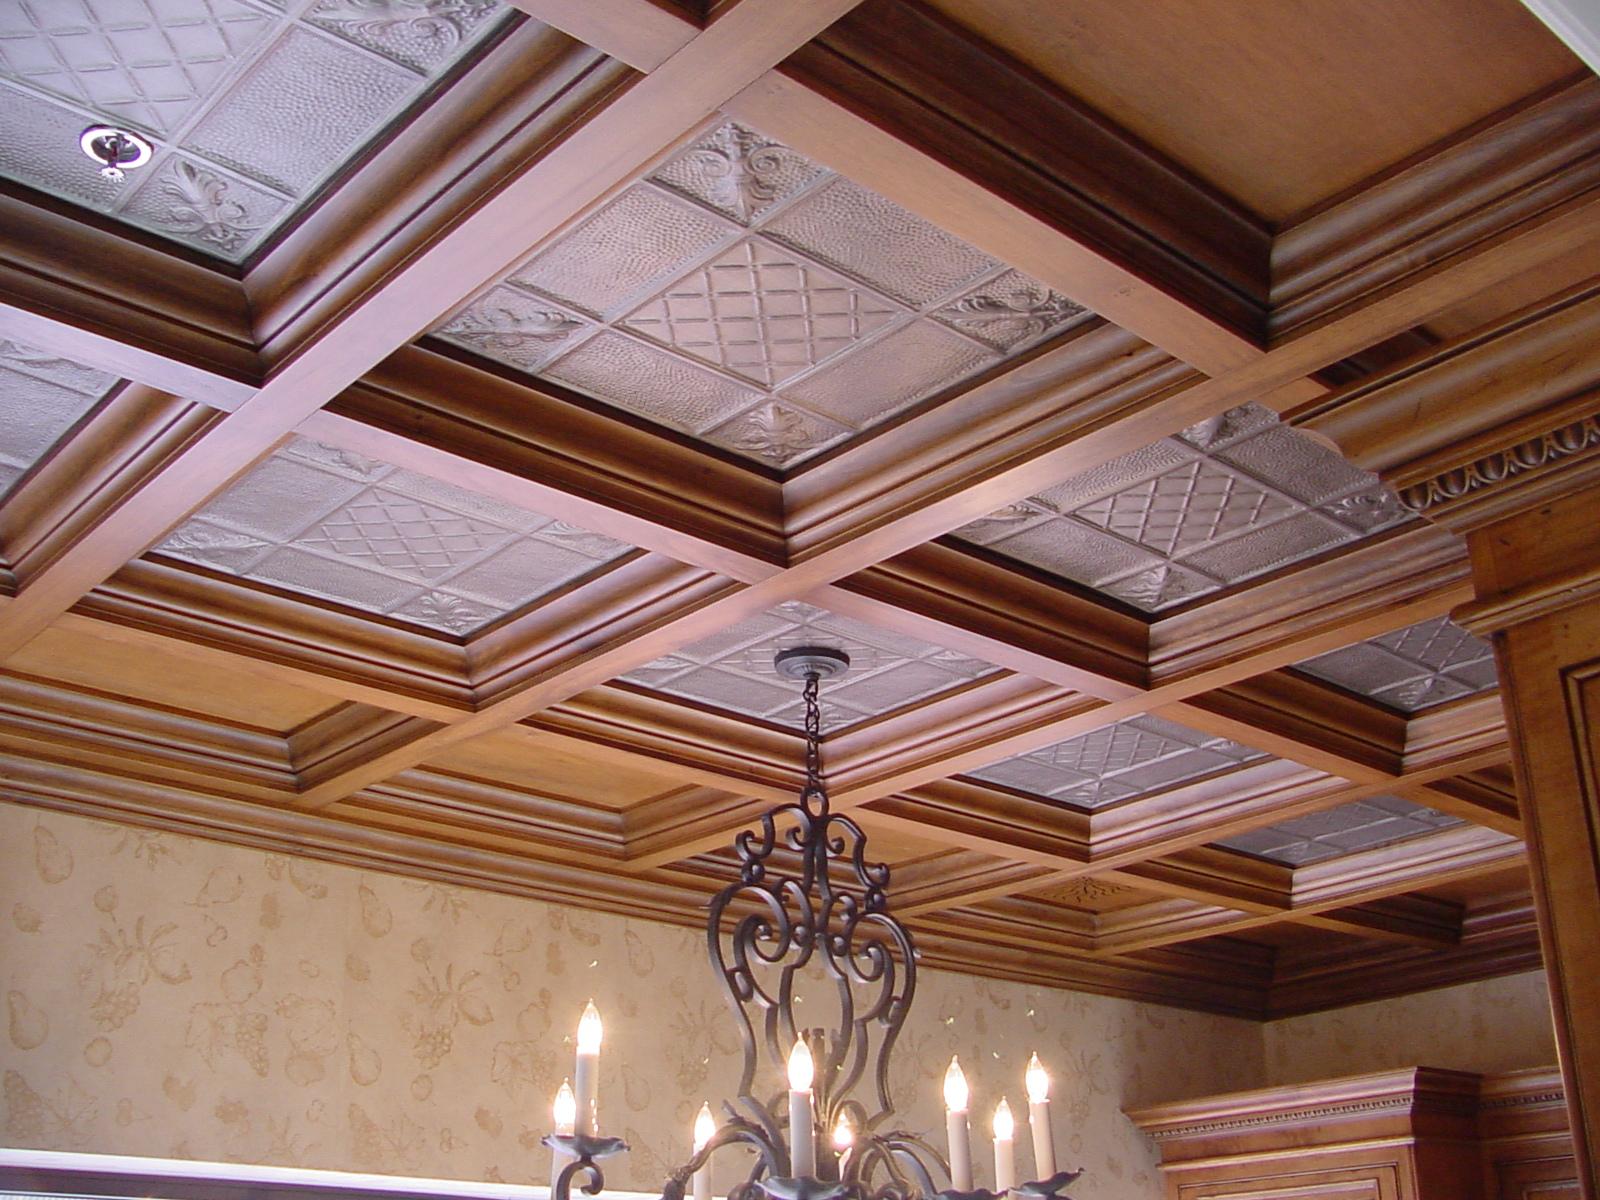 Кессонная конструкция потолка стала вновь популярной